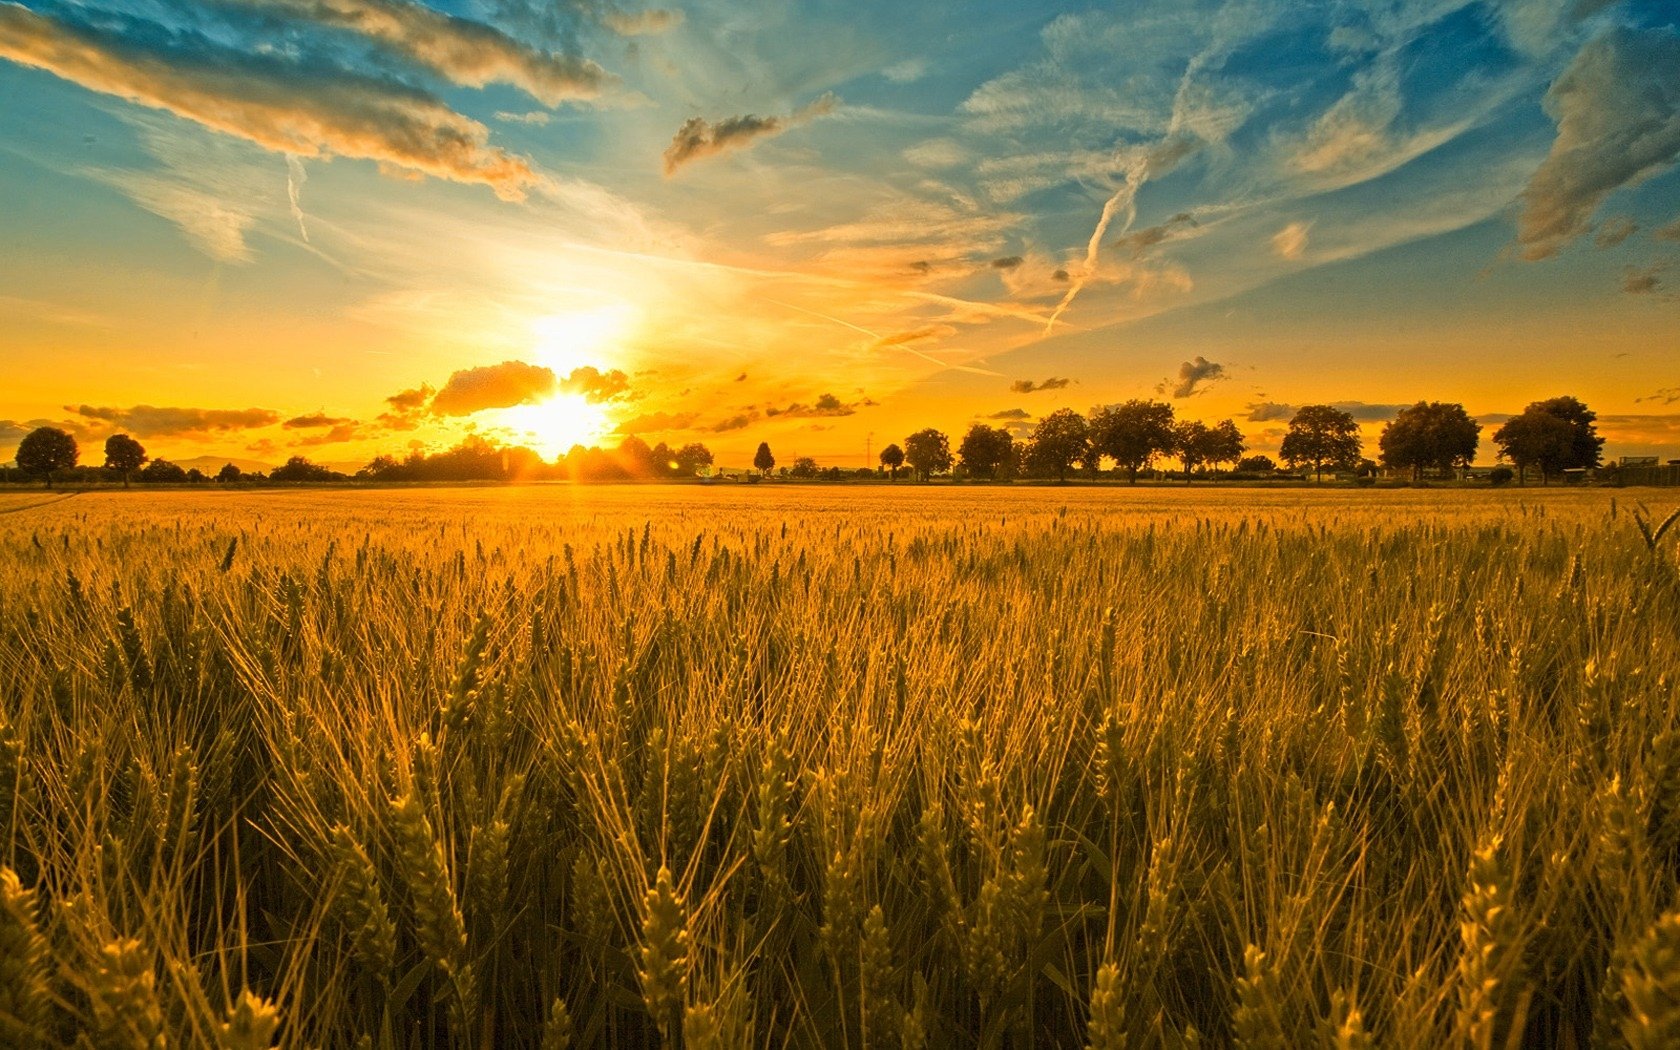 Preparing for Sunday: The Harvest